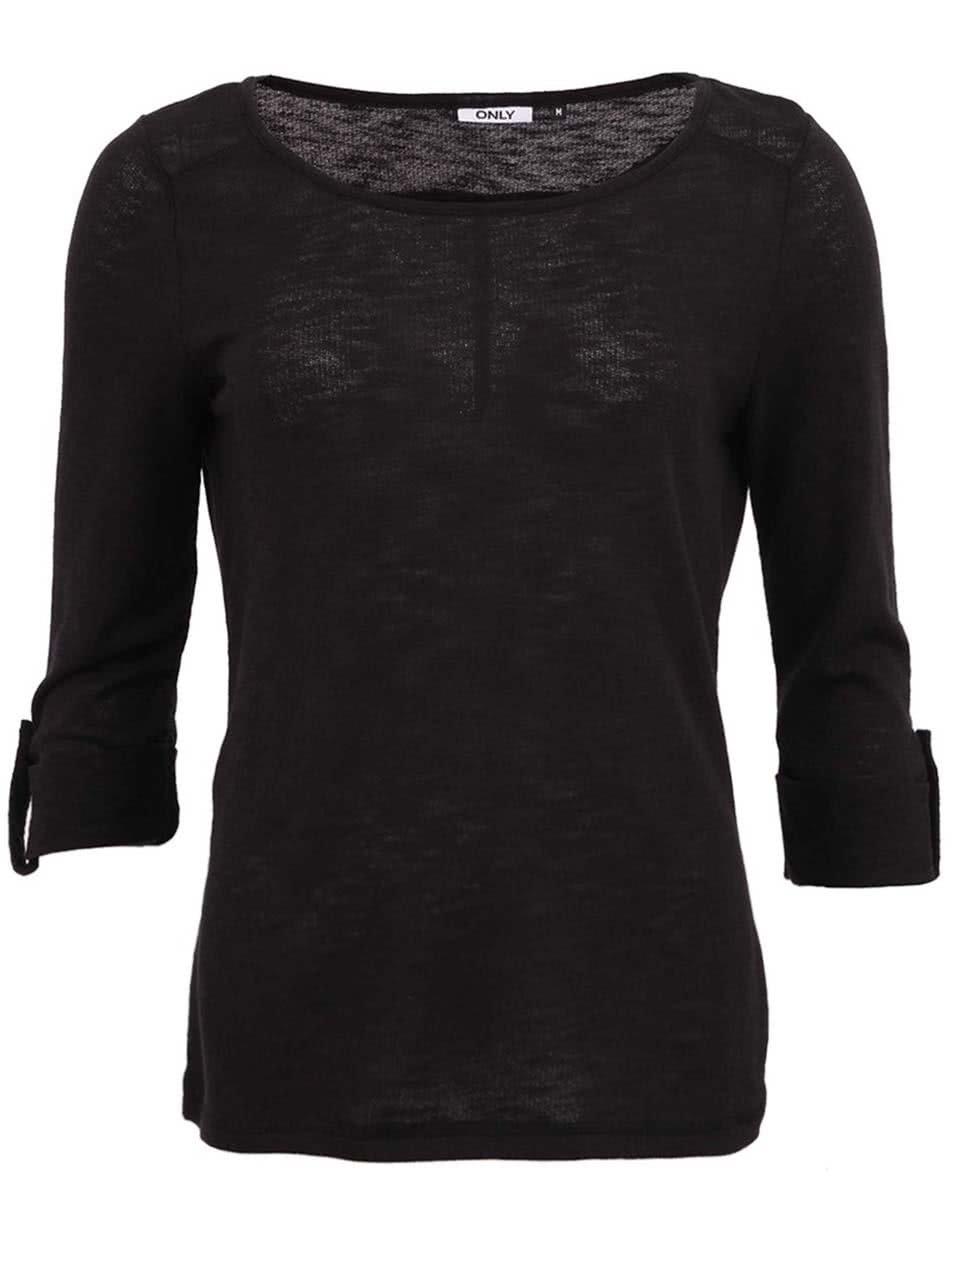 Černé tričko s 3/4 rukávem ONLY Jess